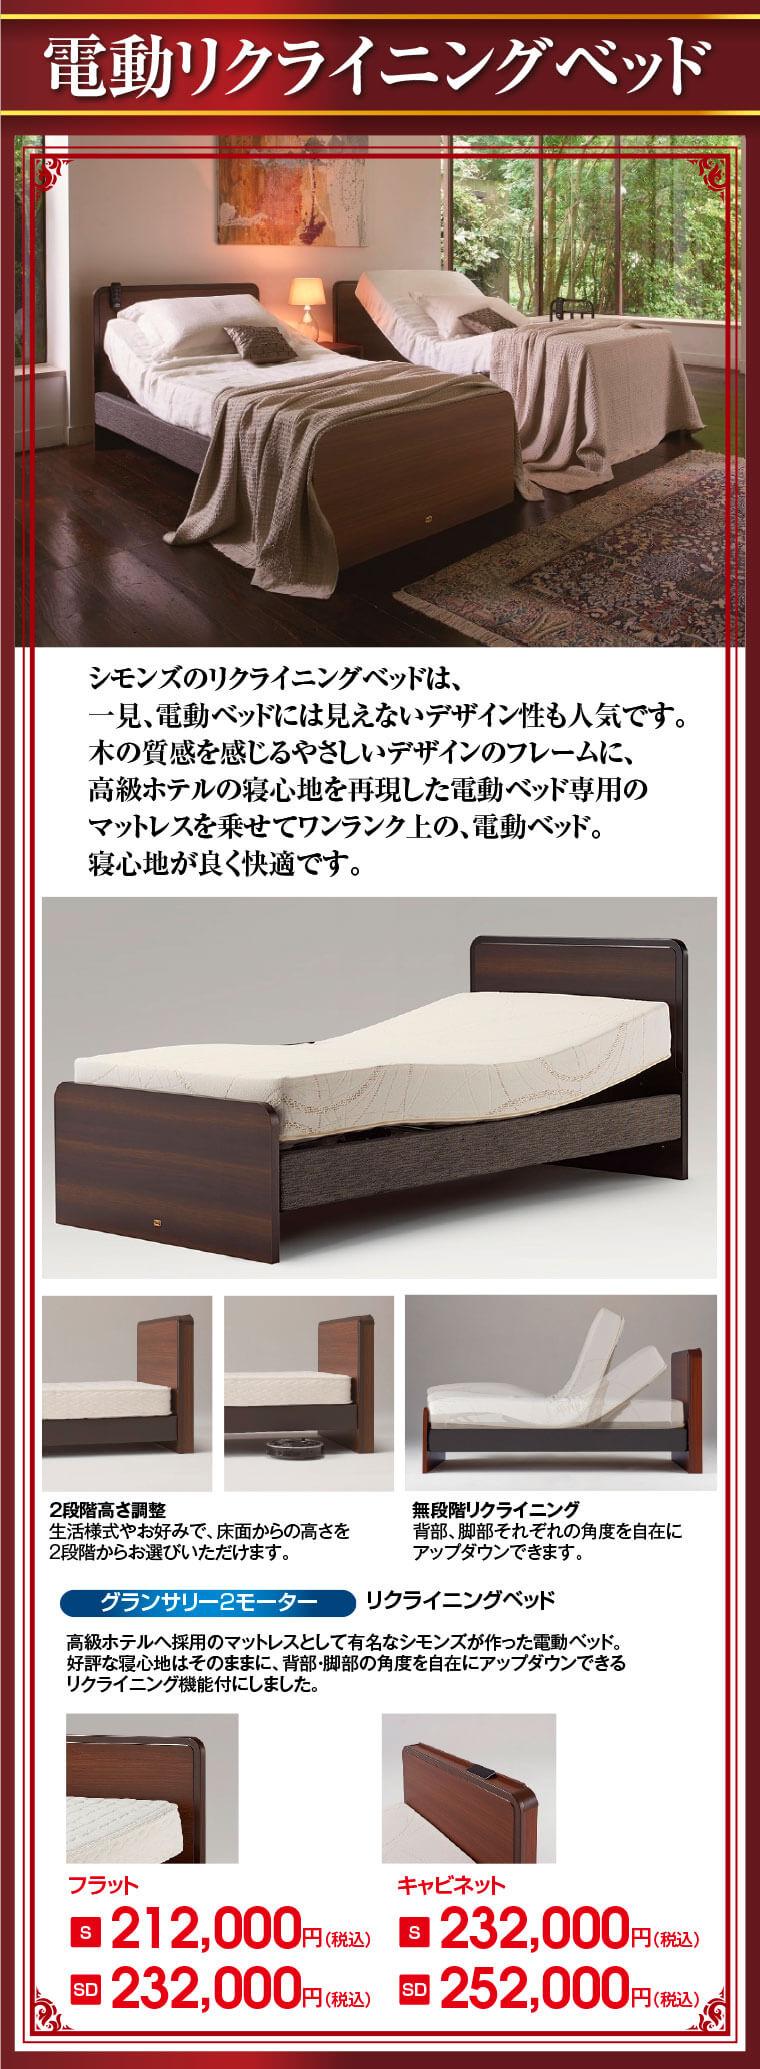 シモンズの電動リクライニングベッド